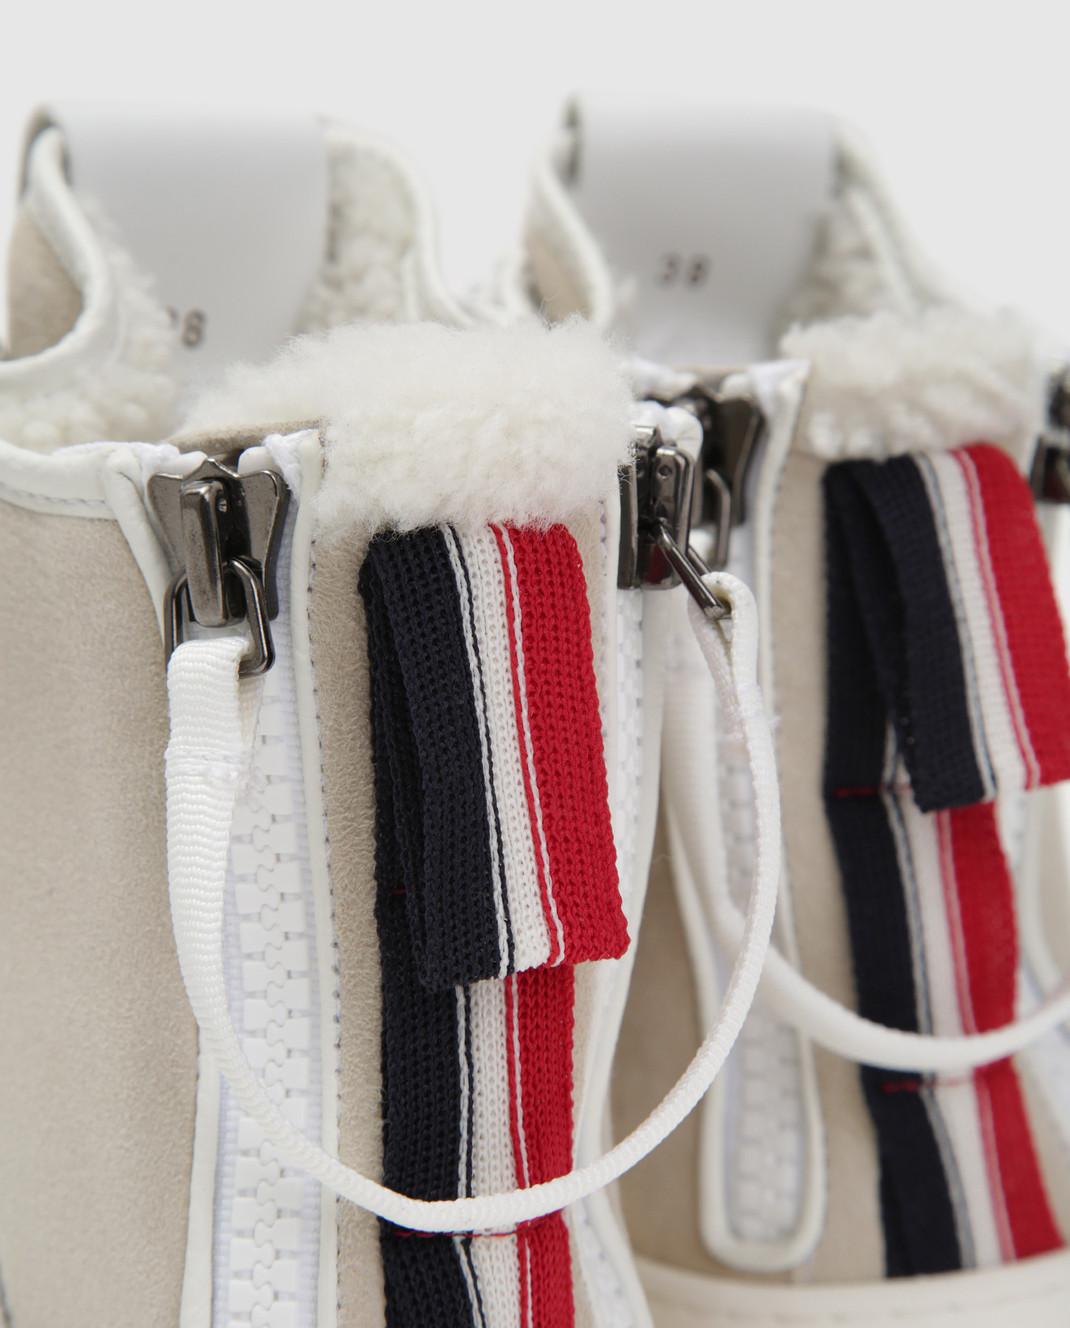 Moncler Белые кожаные хайтопы 20496 изображение 5